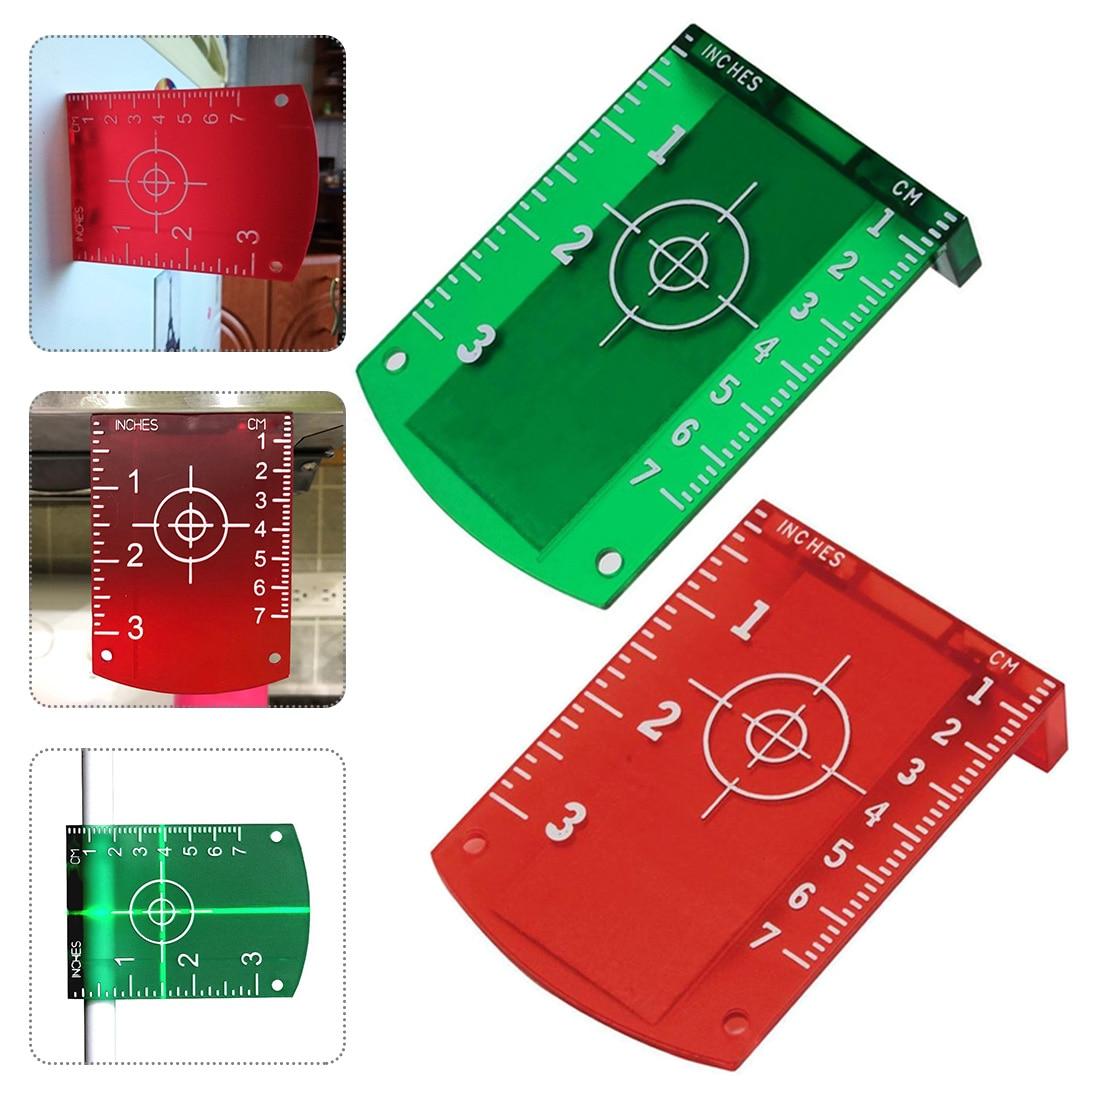 Светоотражающая магнитная доска без заусенцев красного или зеленого цвета Магнитная мишень для вертикальной и горизонтальной линии Луч расстояние доска карты